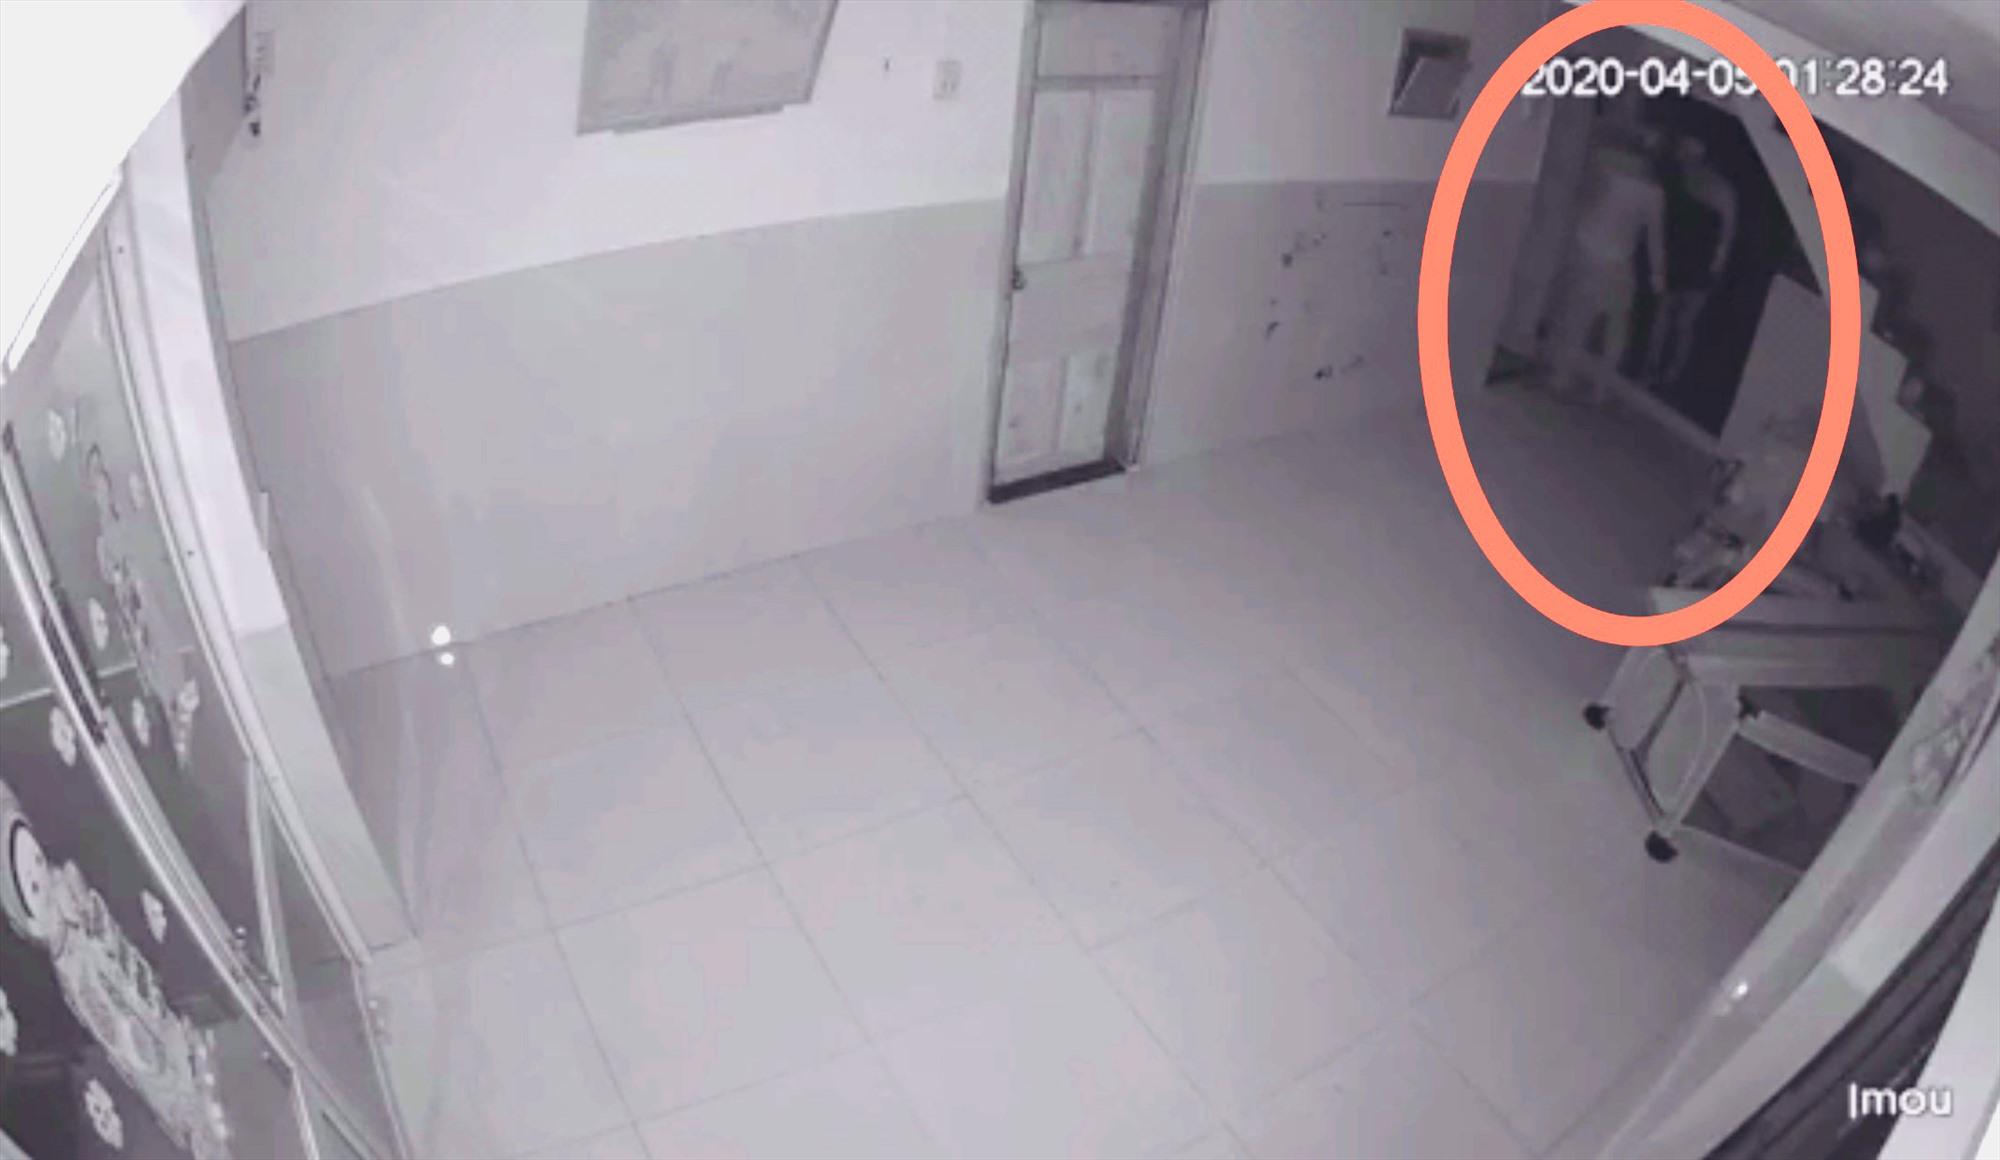 2 tên trộm khiêng két sắt ra khỏi phòng trước khi bị vợ anh Hùng phát hiện. Ảnh: NVCC